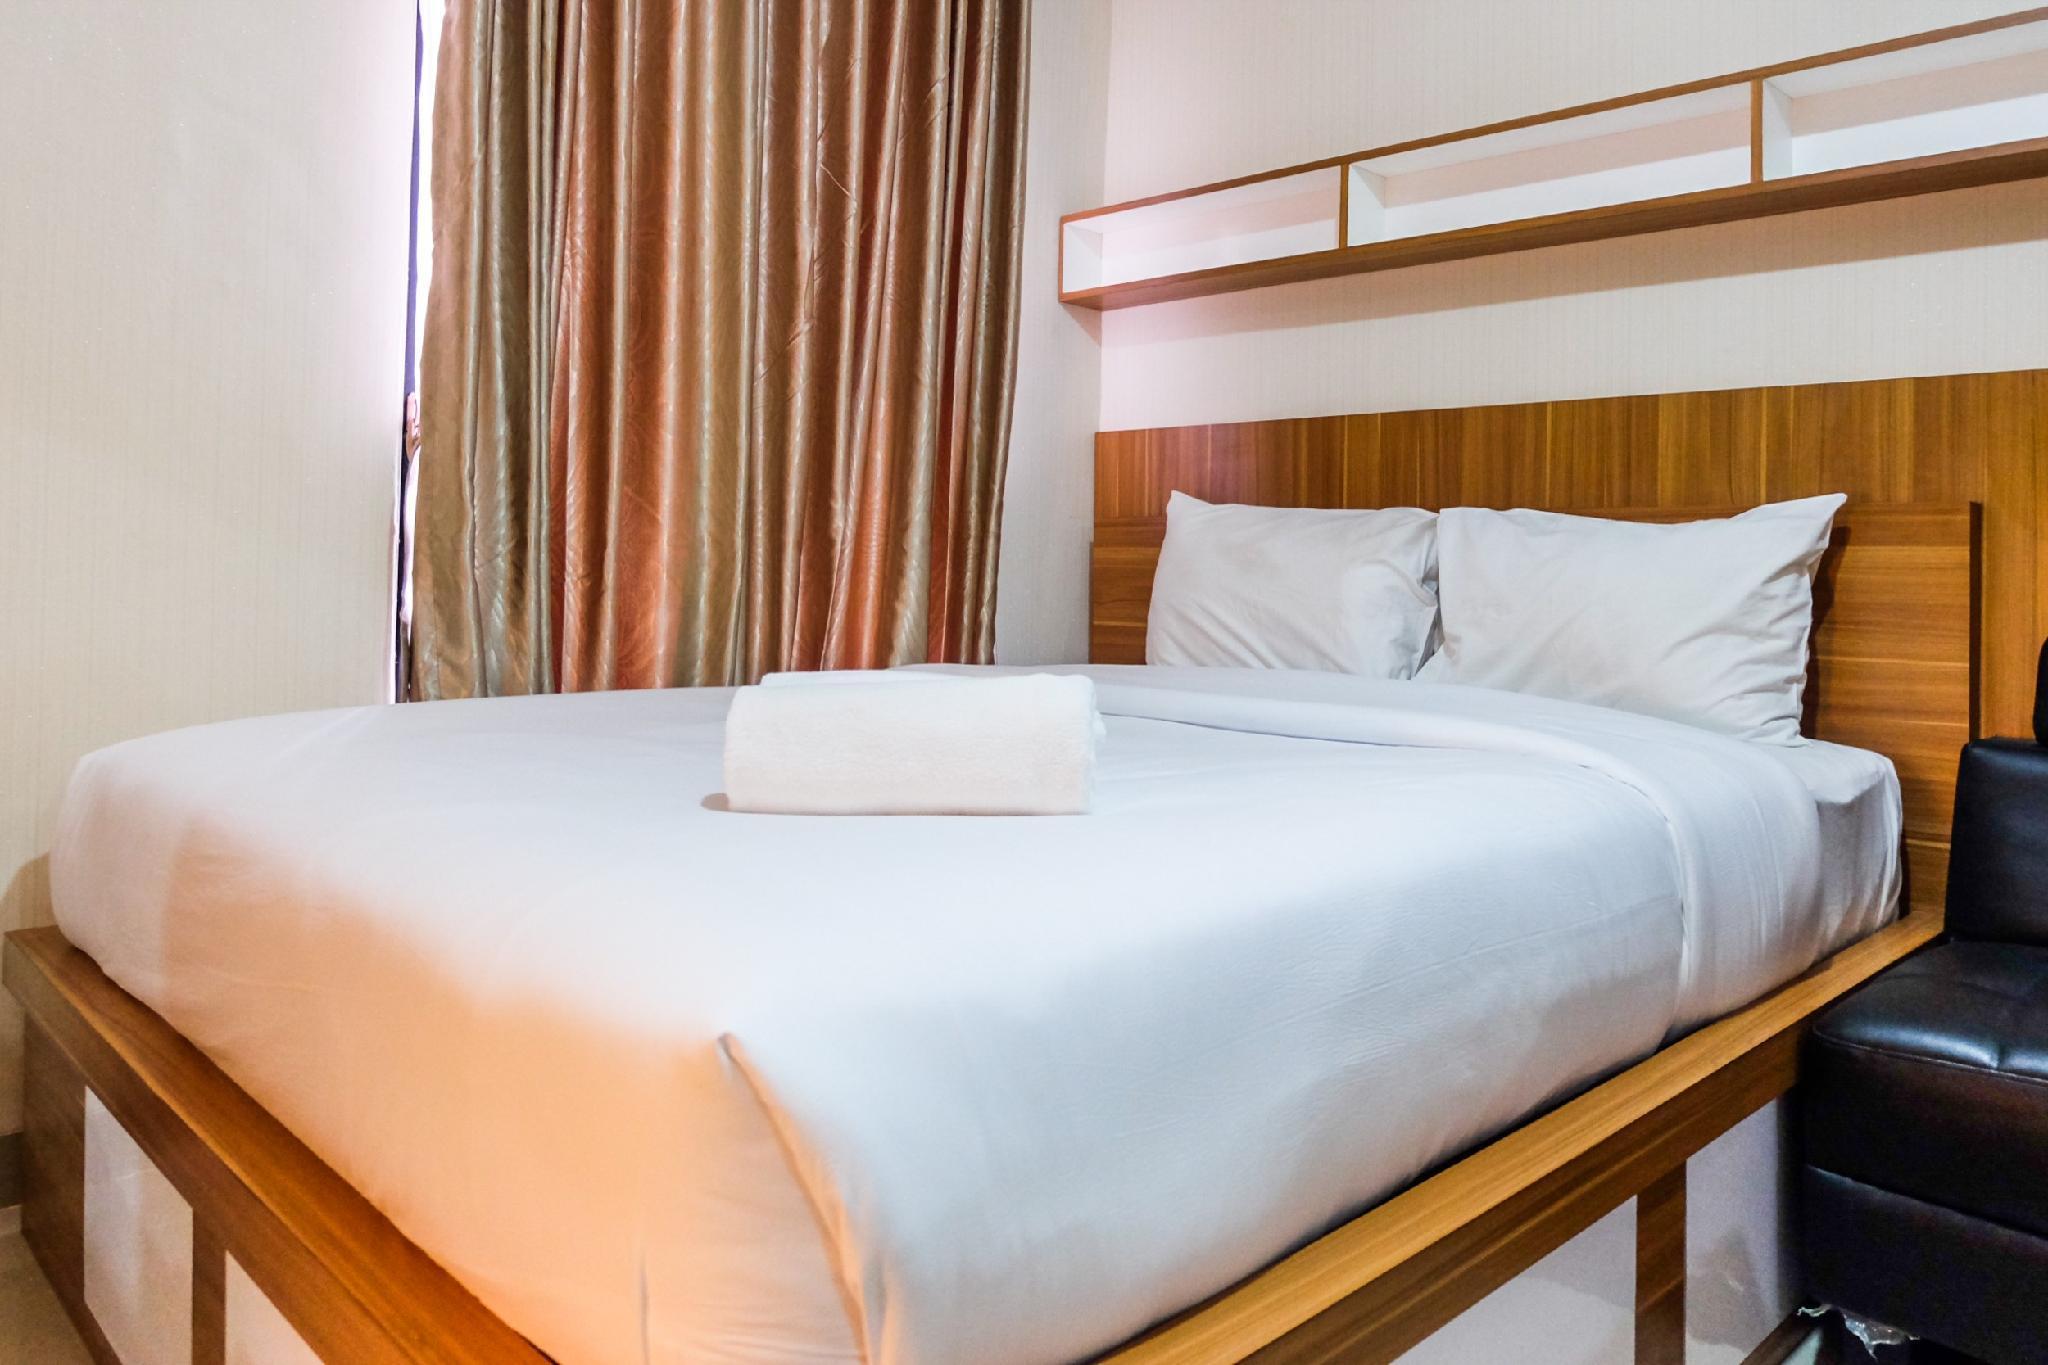 Hotel Sekitar Jalan Cidodol Jl Cidodol Grogol Sel Kby